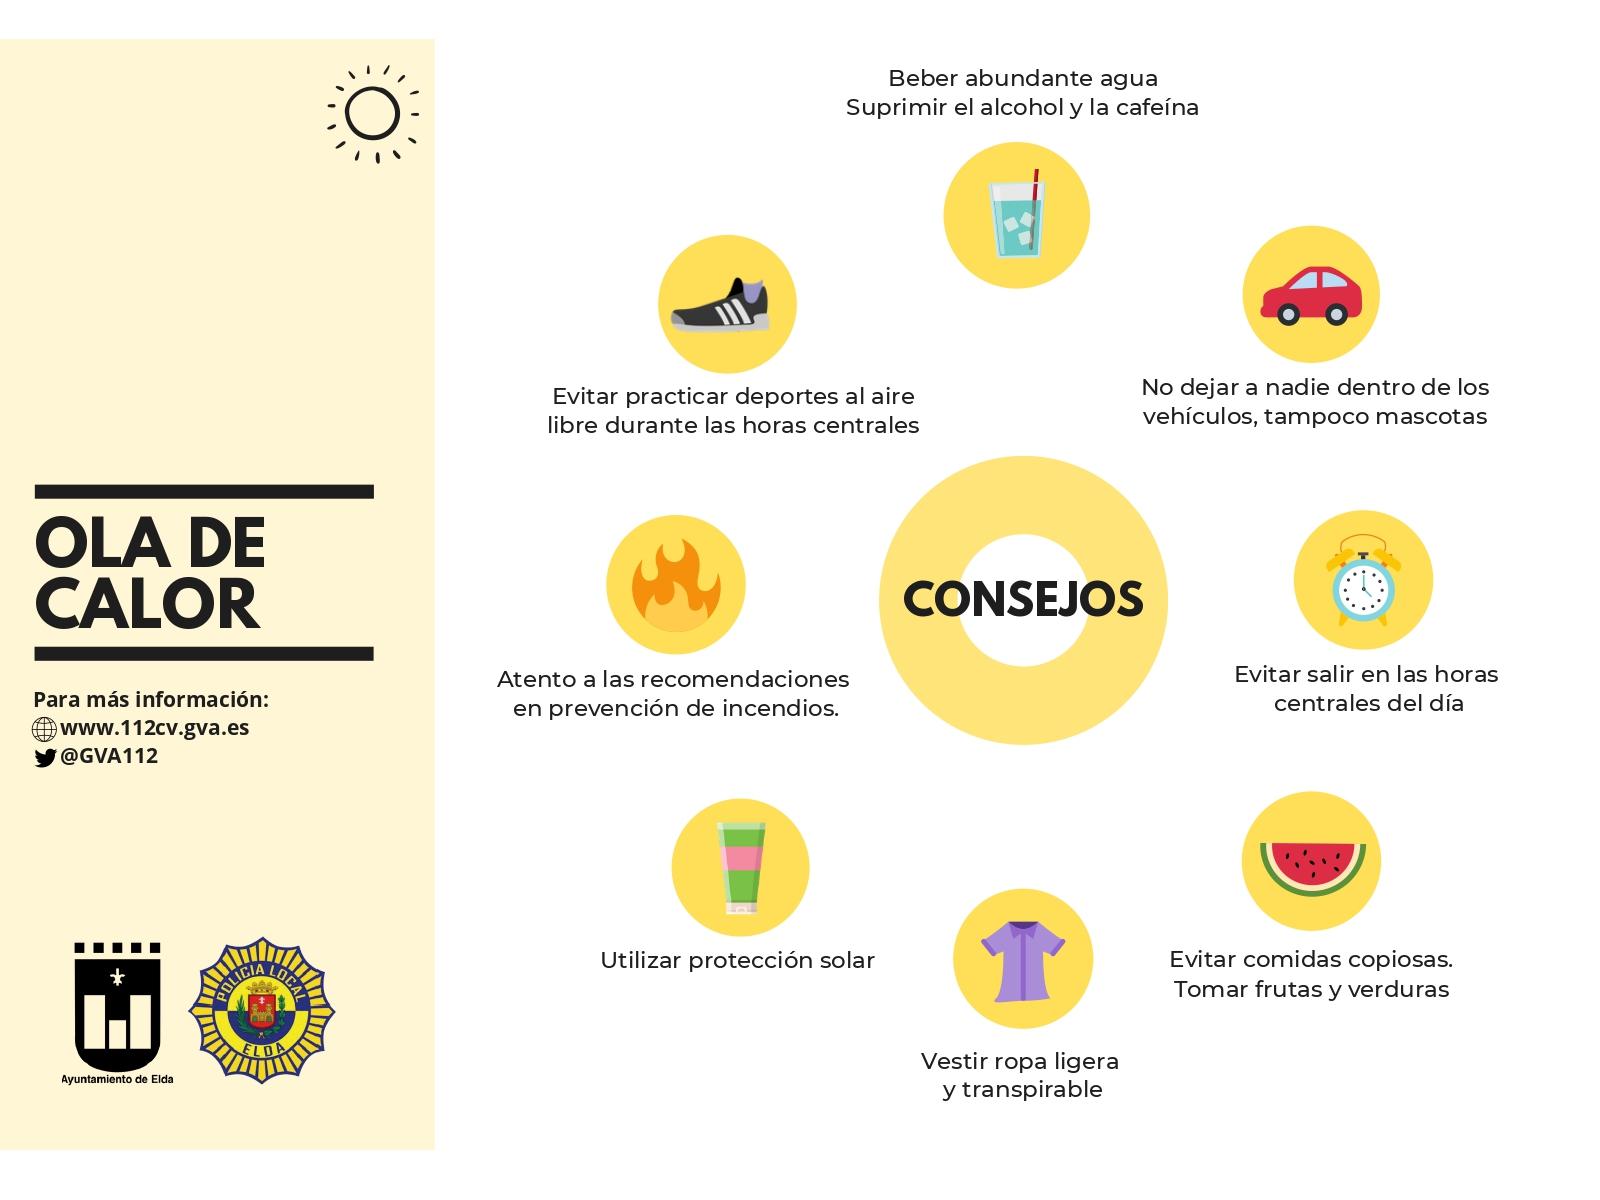 El Ayuntamiento de Elda advierte de los riesgos de la ola de calor e insta a la población a tomar medidas preventivas ante las altas temperaturas